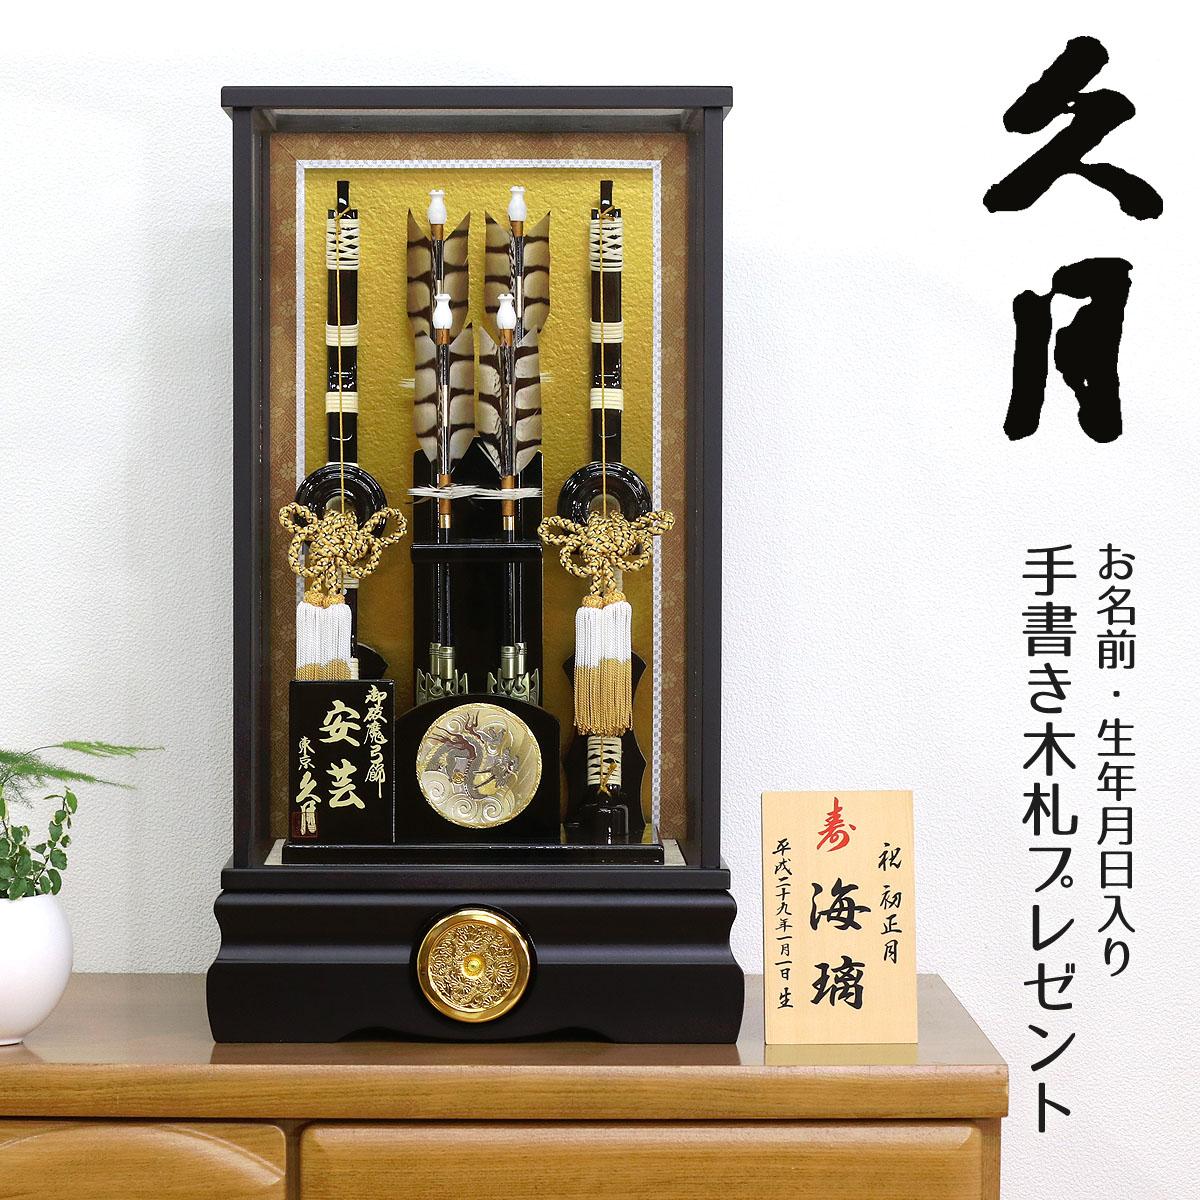 破魔弓 コンパクト ケース飾り 久月 15号 安芸 HMQ-70711565 初正月 破魔矢 久月作